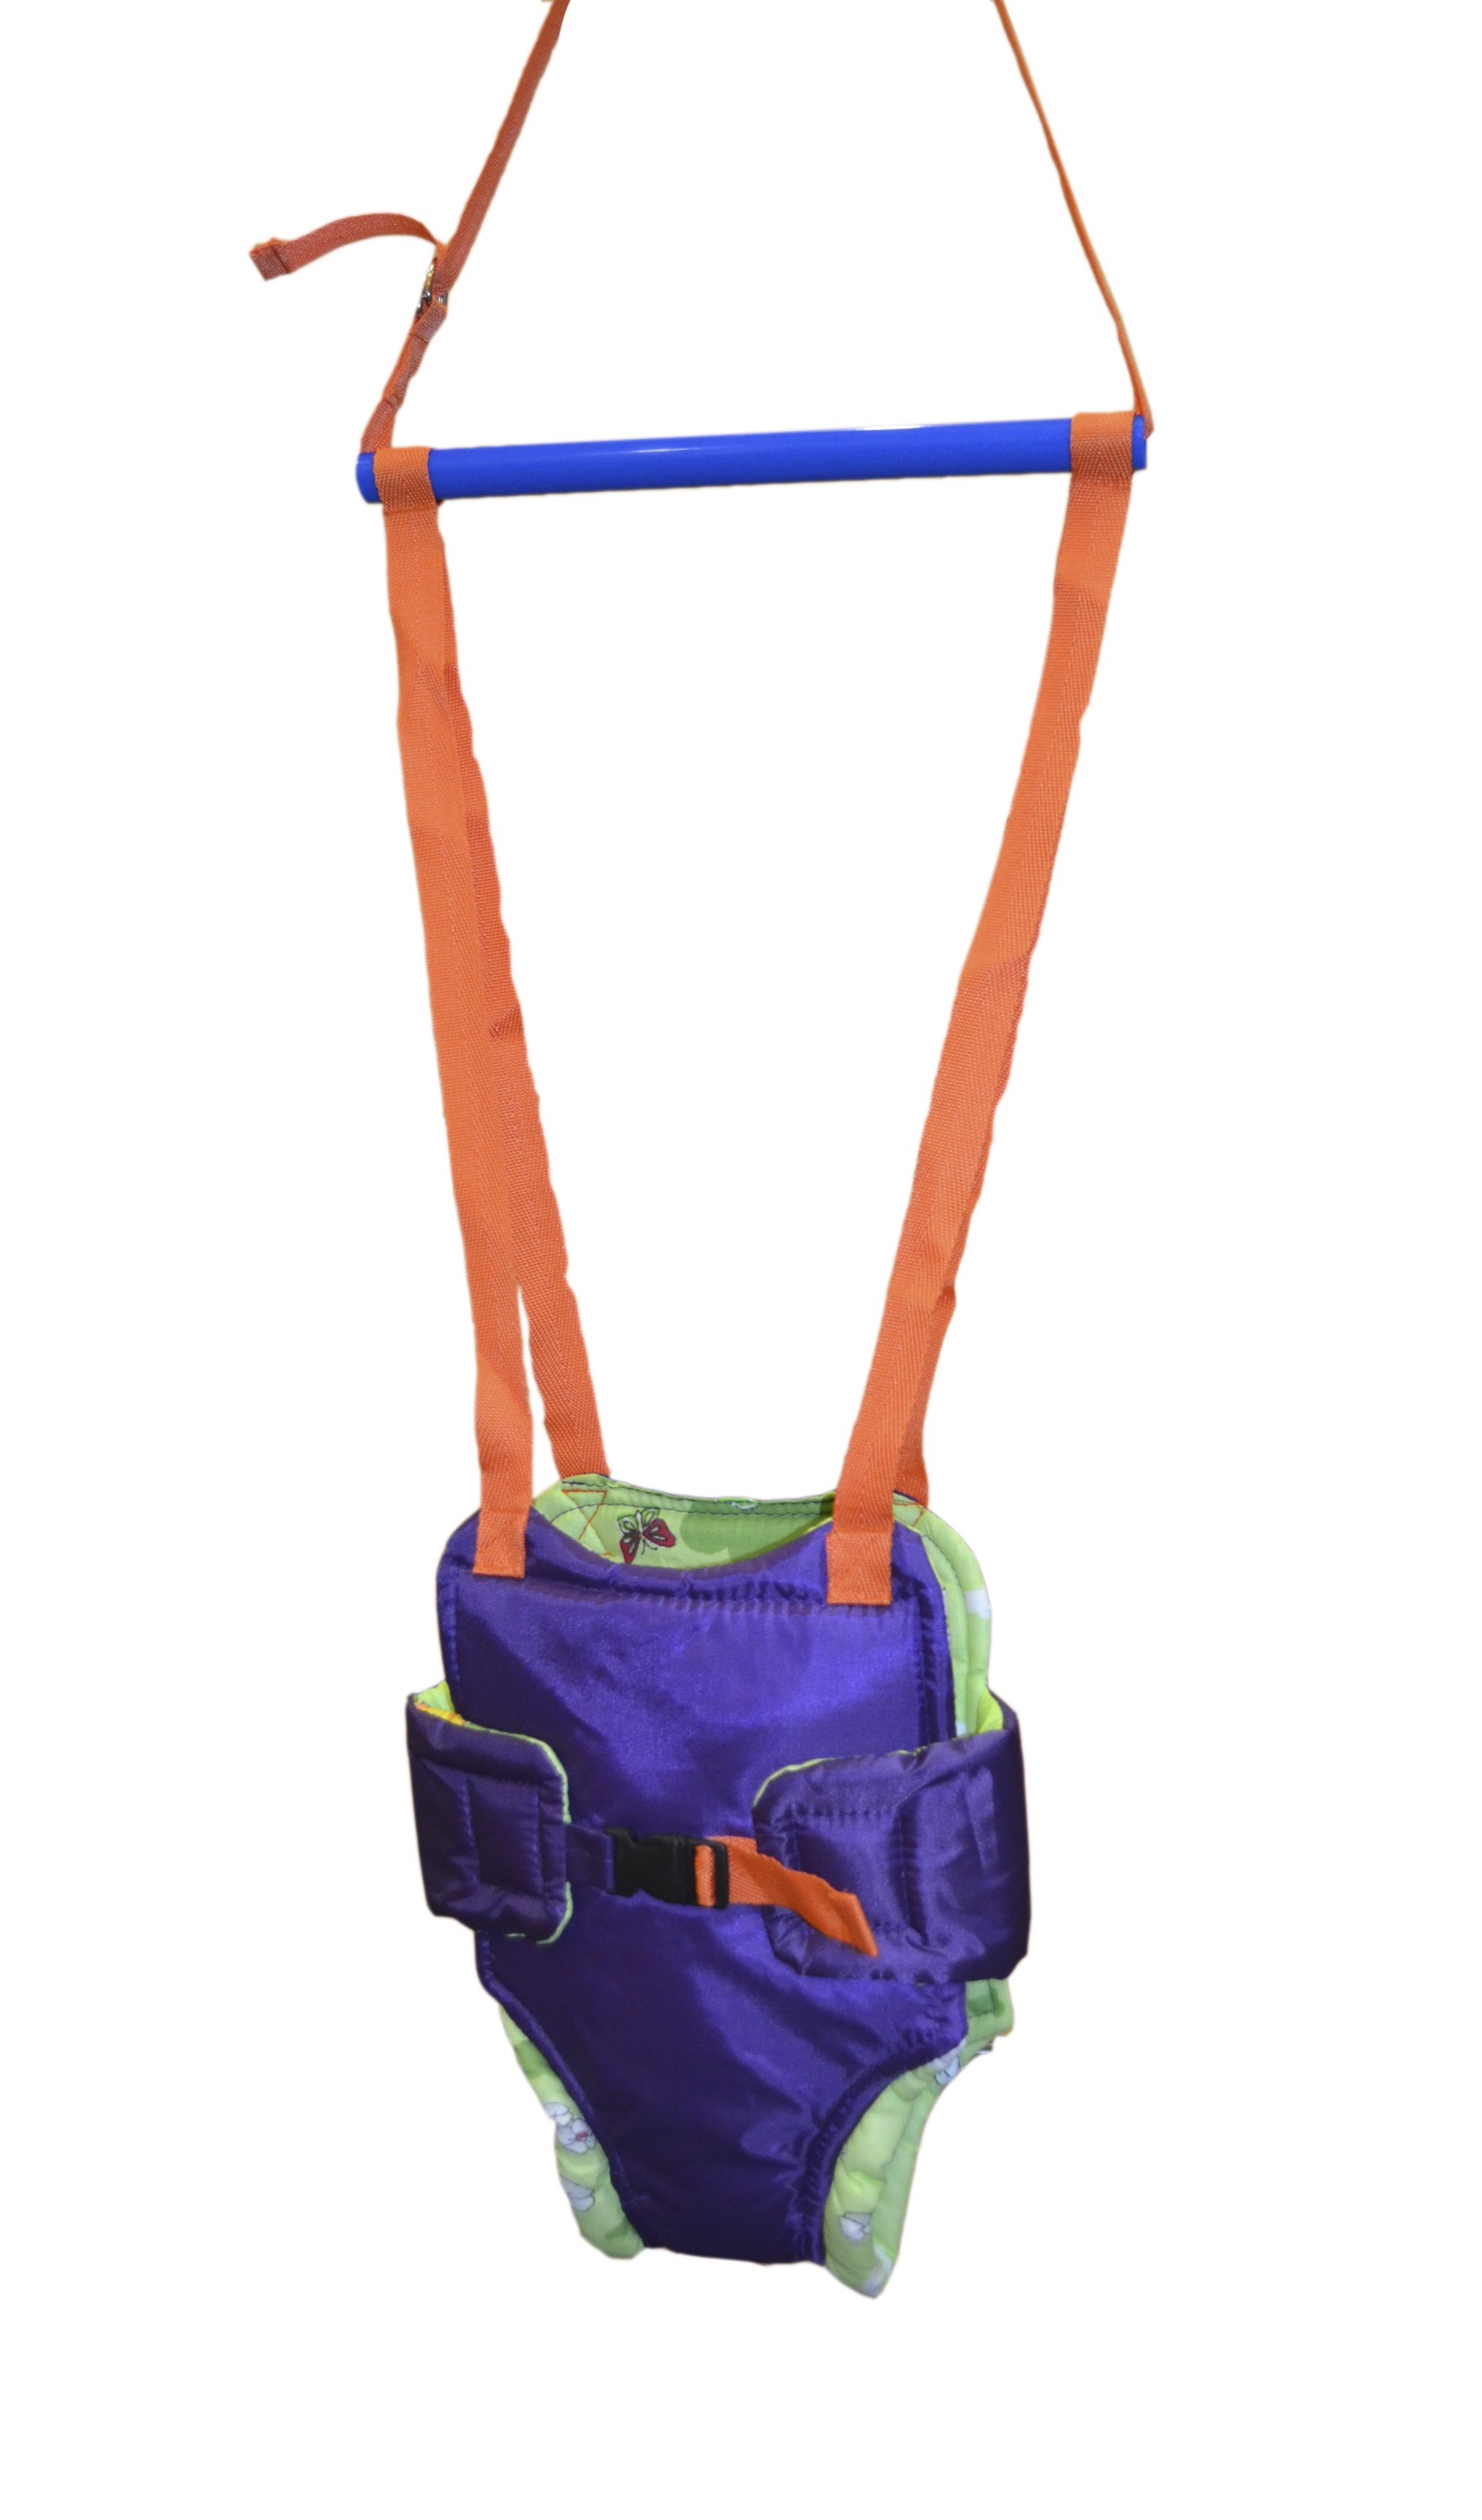 прыгунки Детский тренажер Мирти Прыгунки №2, 4610003450021, фиолетовый